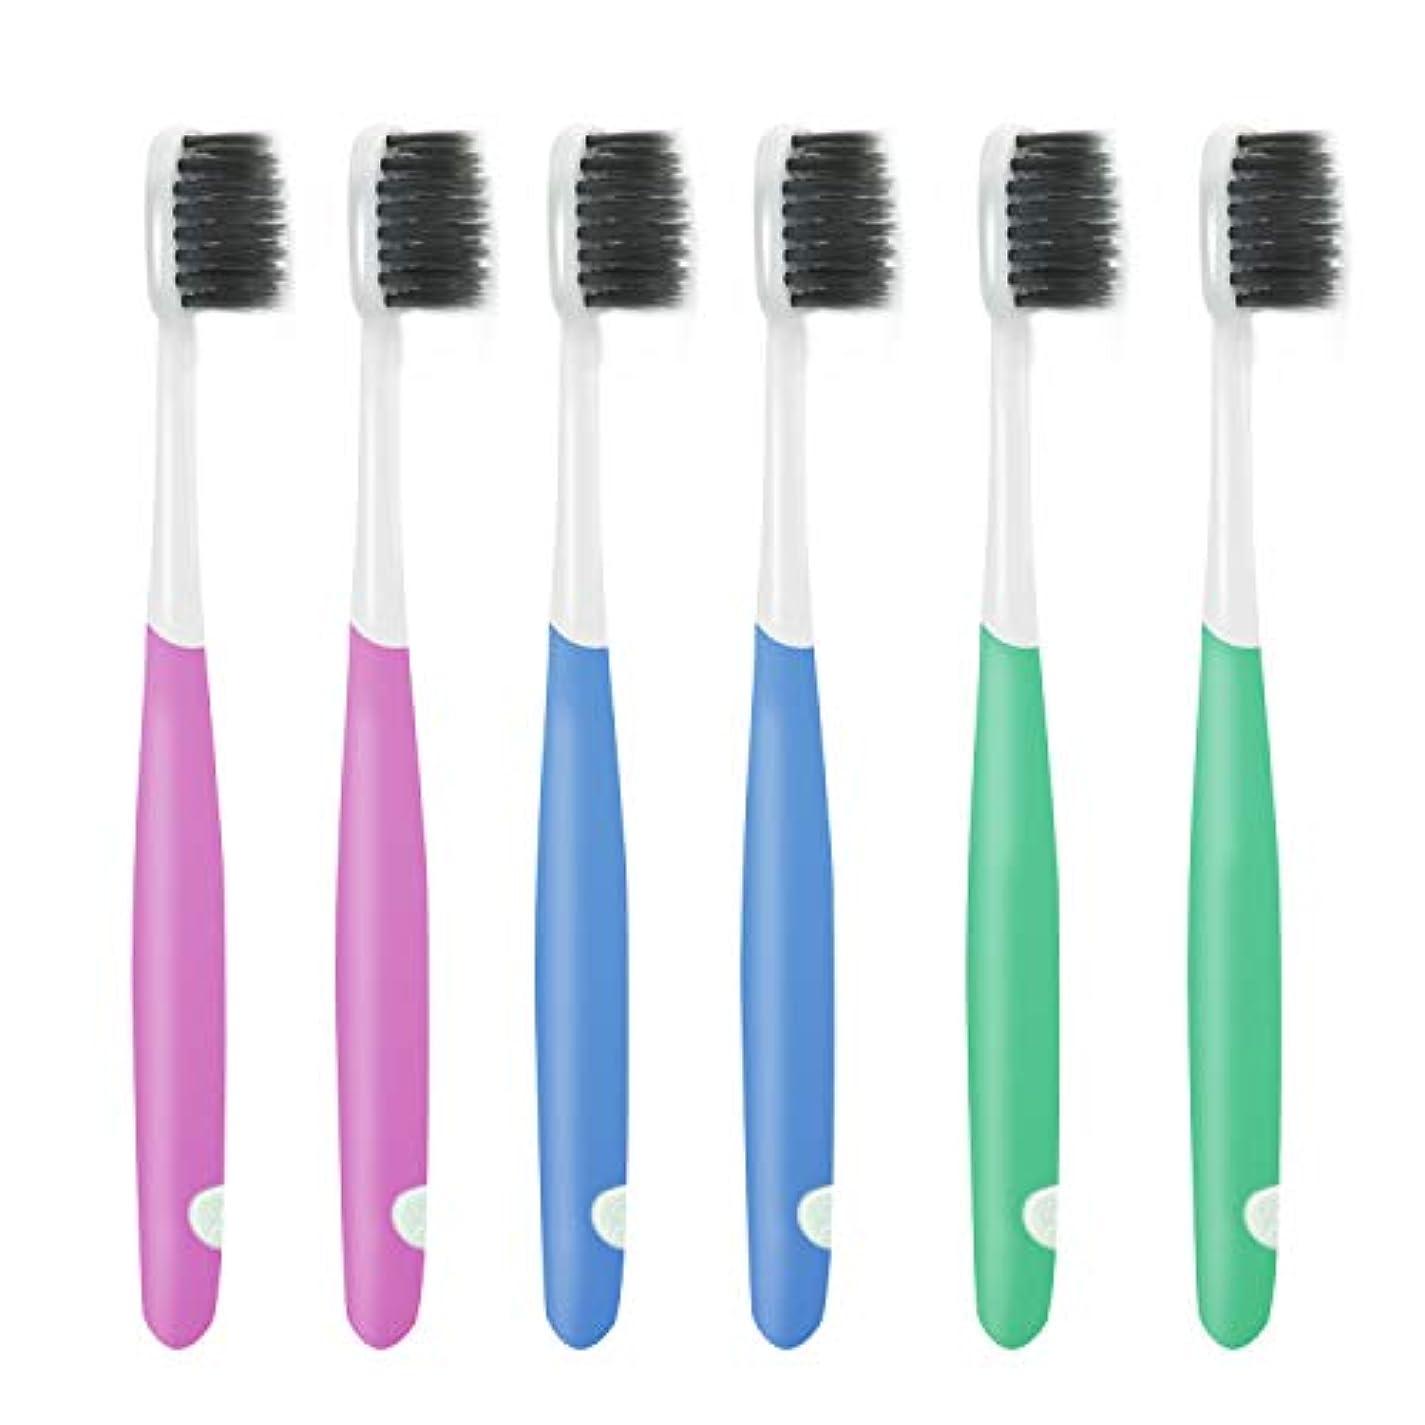 検証知覚できる設計図歯ブラシコンパクトふつう× 6本 - やわらかめハブラシ【活性炭を注入】